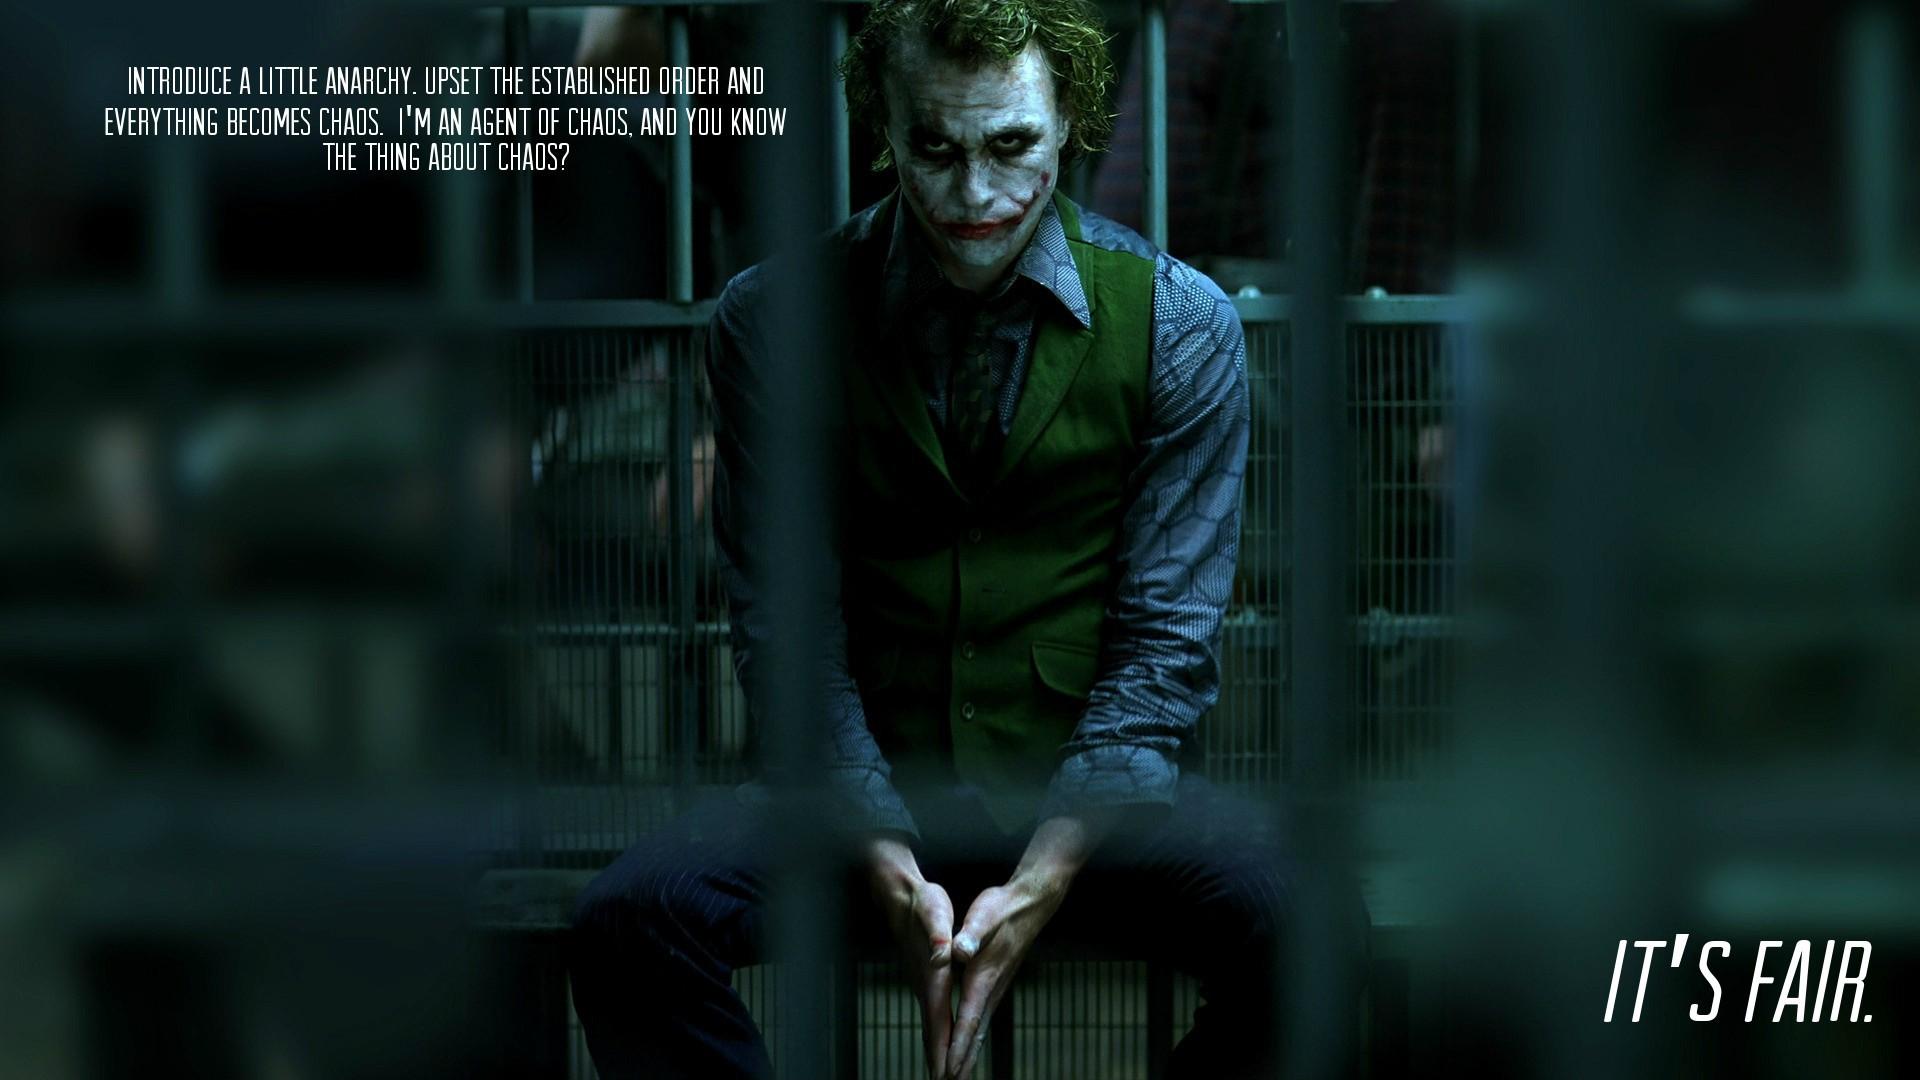 The Dark Knight Batman Joker Movies Heath Ledger Midnight Darkness Screenshot Computer Wallpaper Fictional Character Fiction